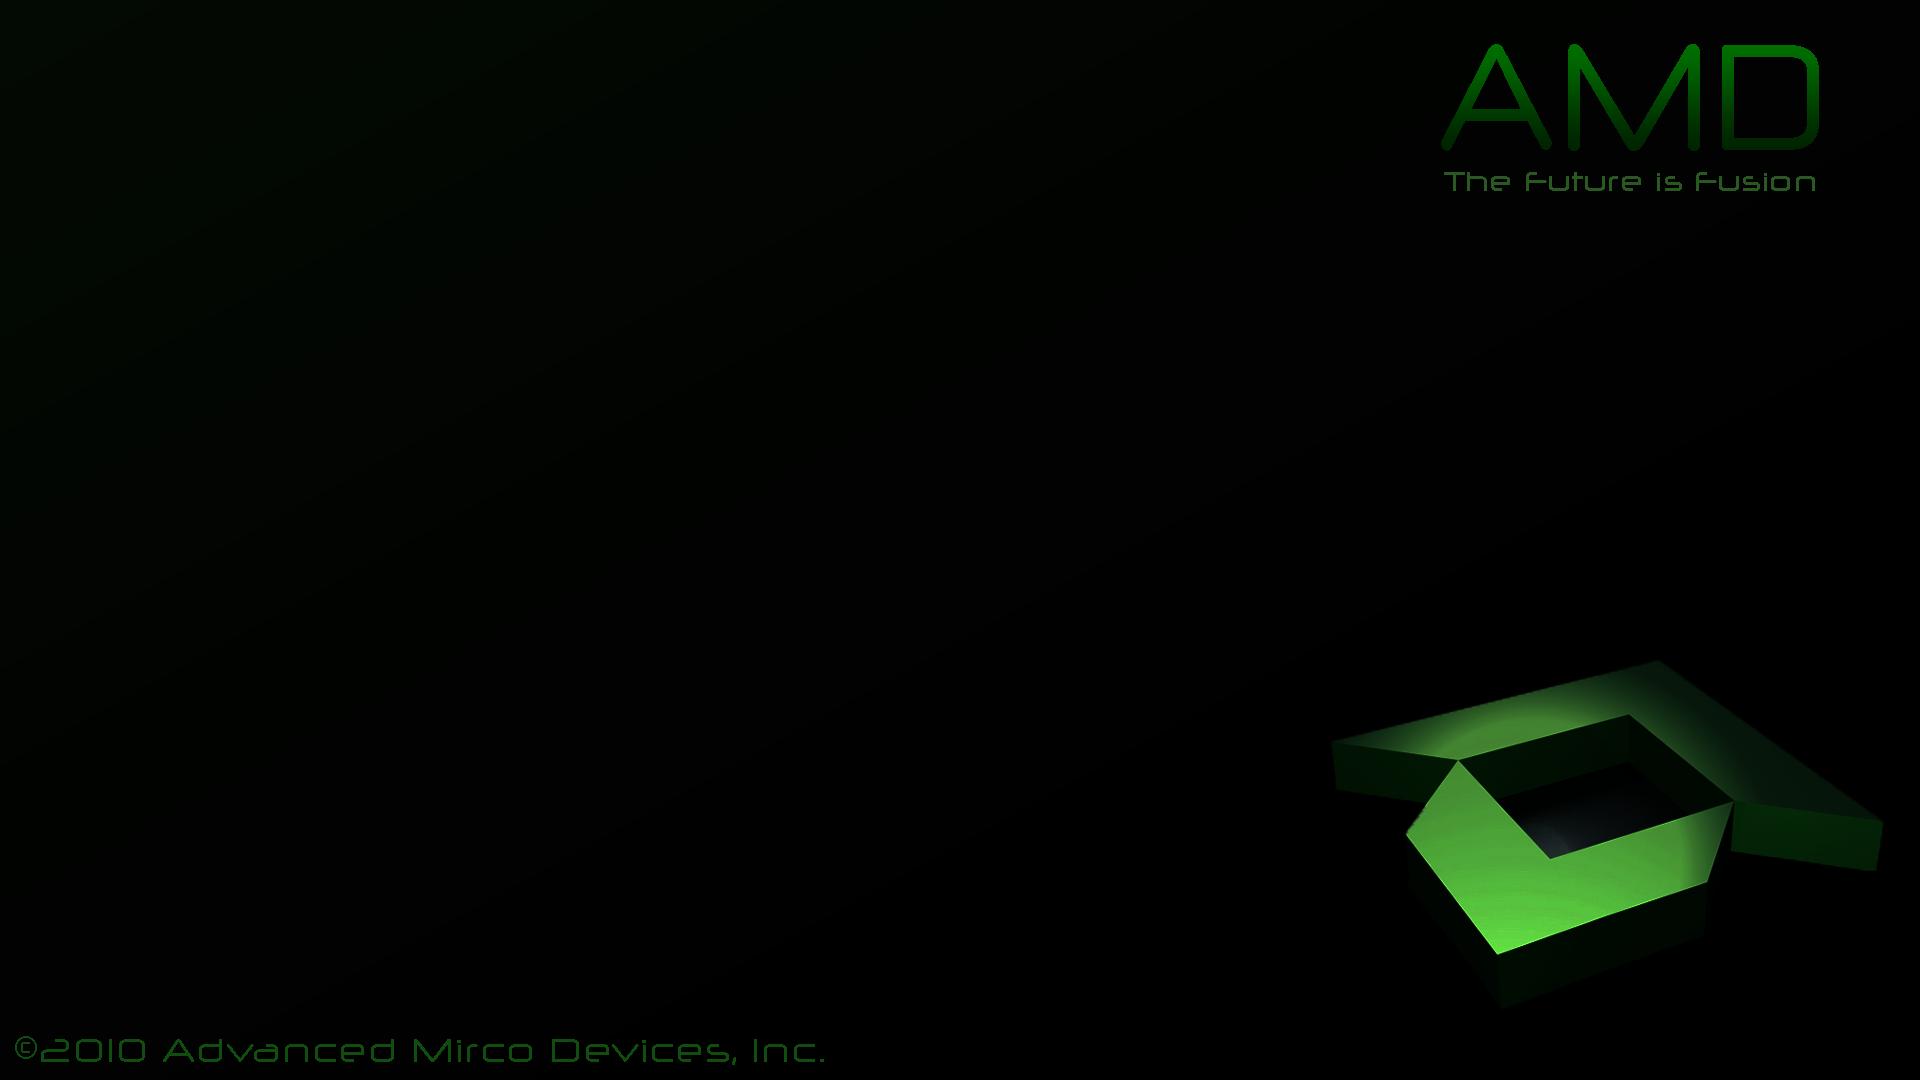 AMD HD Wallpaper - WallpaperSafari